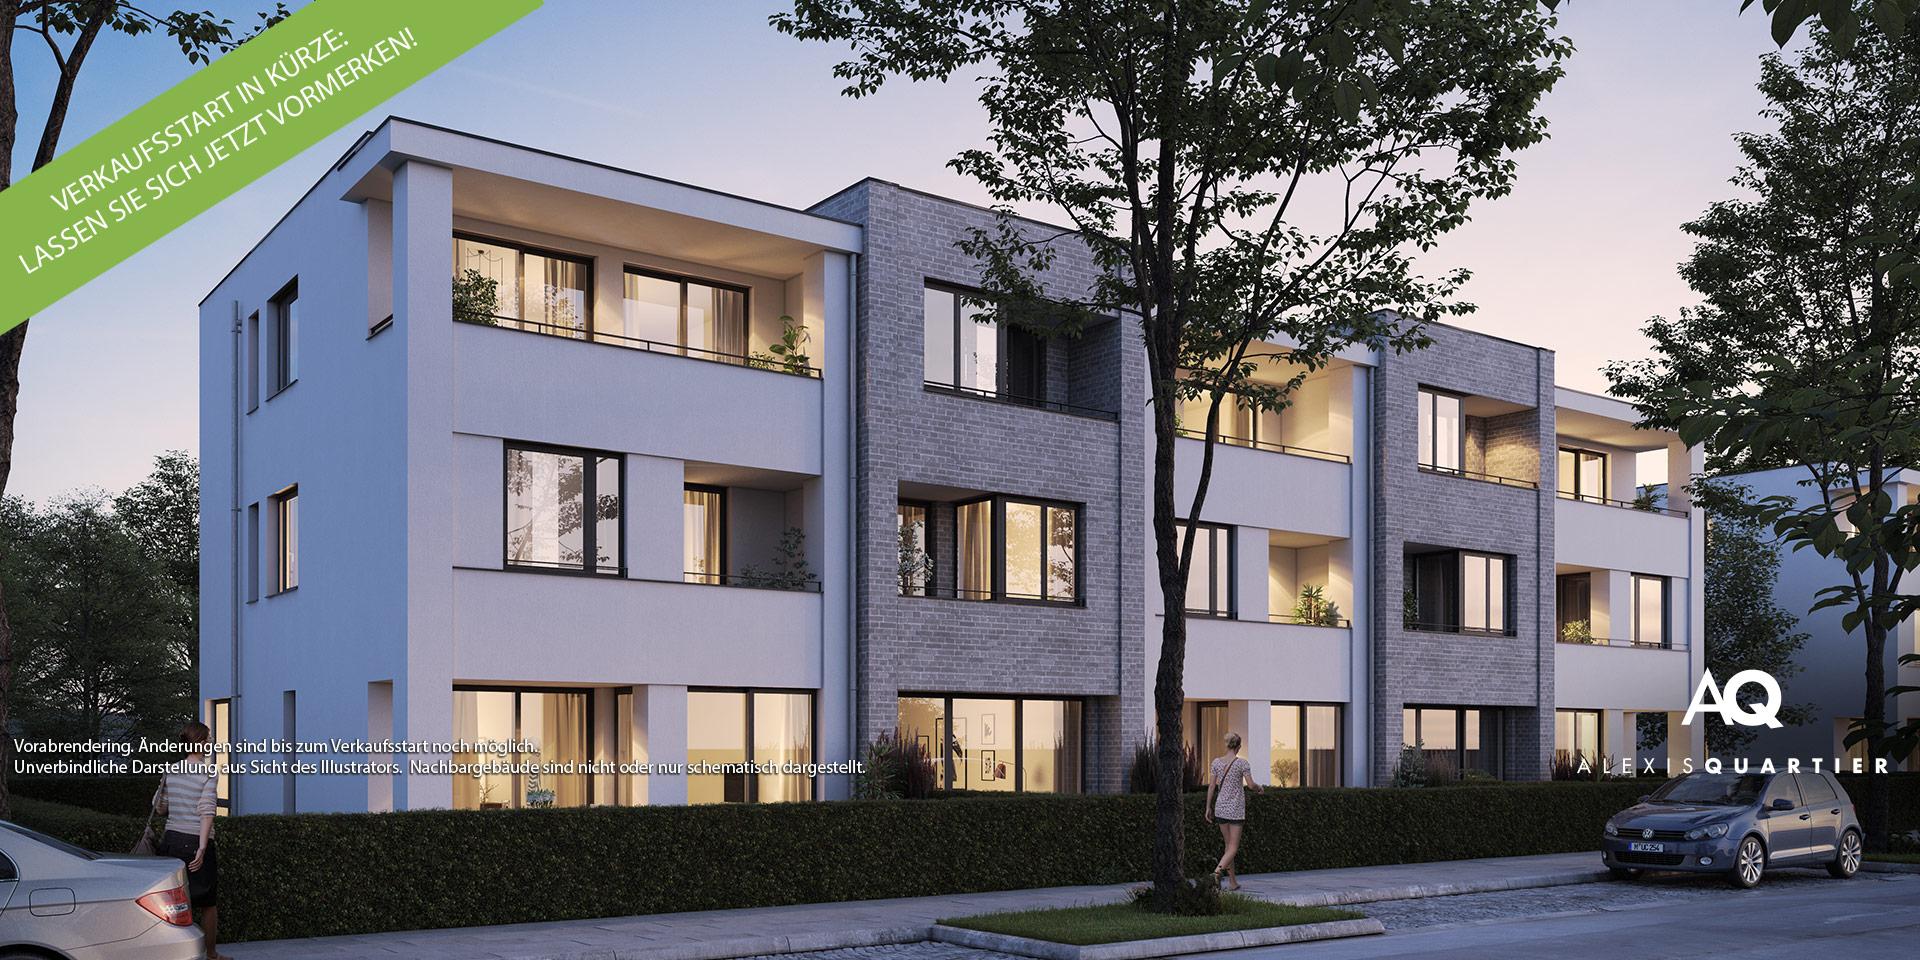 Townhouses munich: Alexisquartier